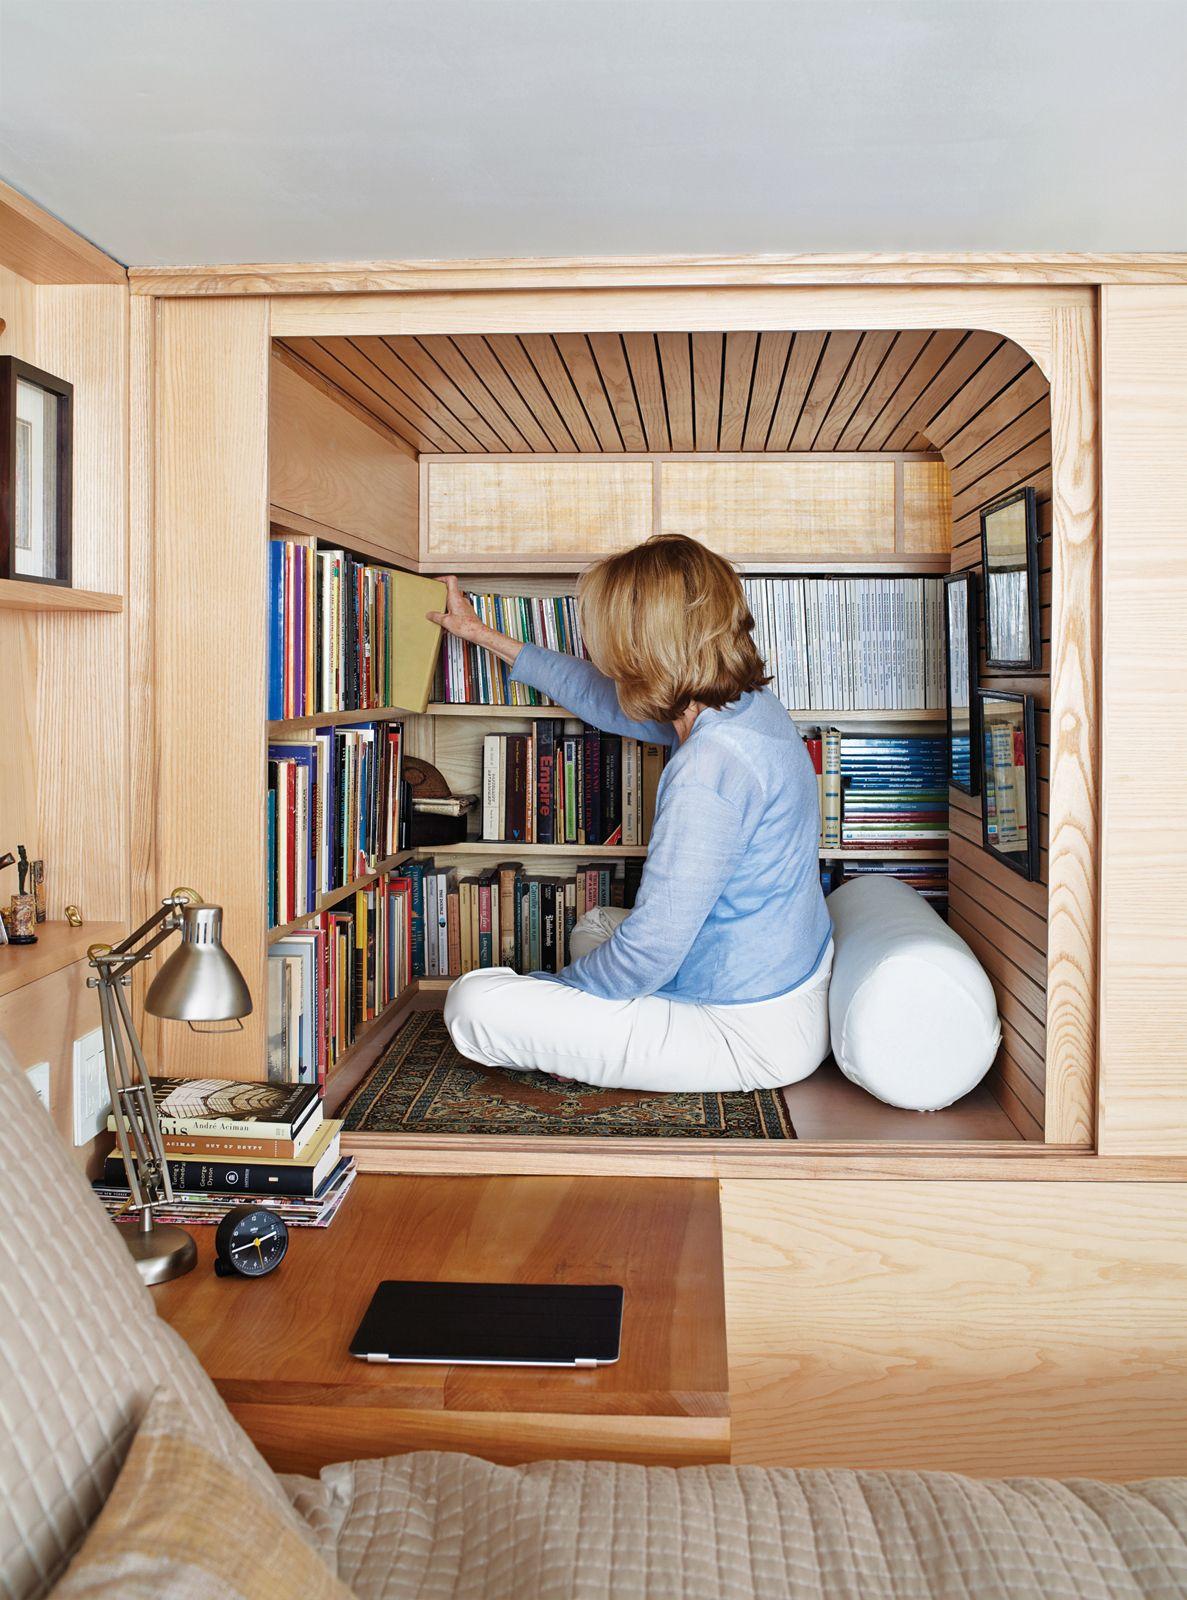 Ниша для хранения книг и чтения